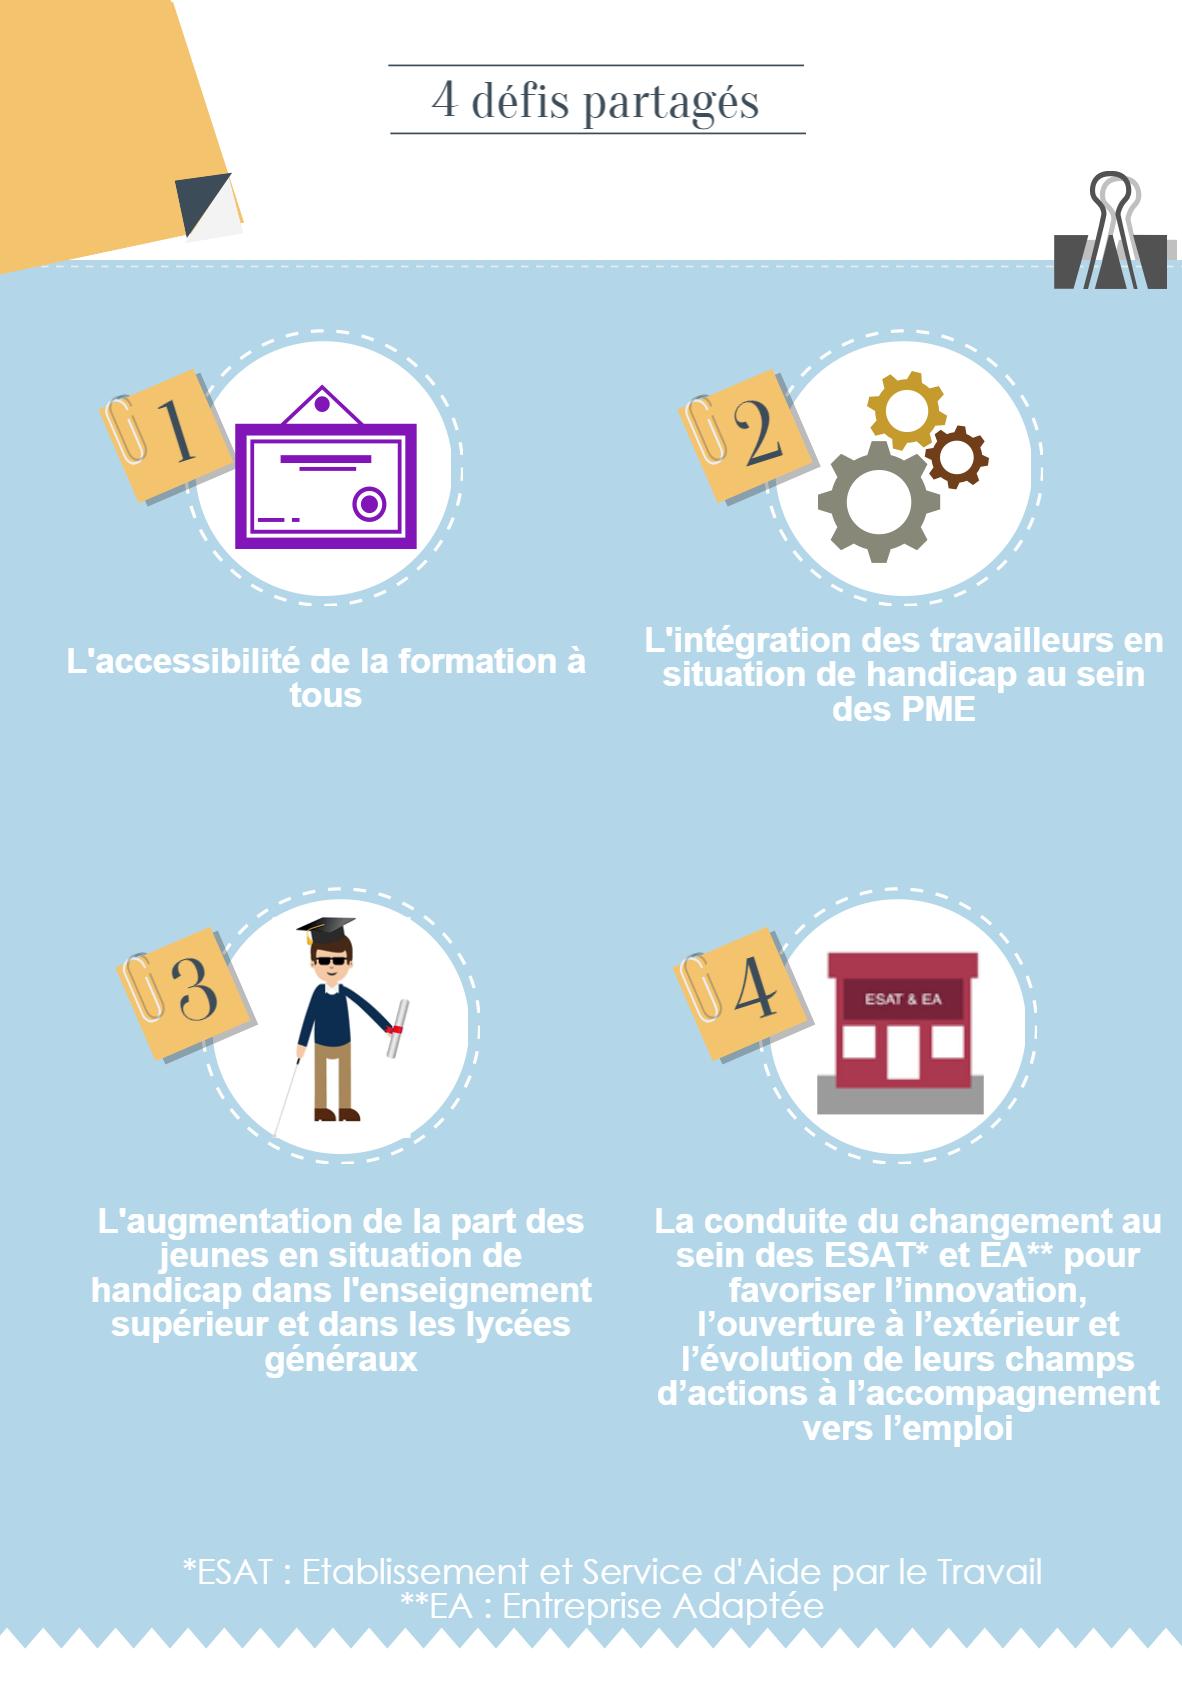 4 défis partagés : L'accessibilité de la formation à tous L'intégration des travailleurs en situation de handicap au sein des PME L'augmentation de la part des jeunes en situation de handicap dans l'enseignement supérieur et dans les lycées généraux La conduite du changement au sein des ESAT* et EA** pour favoriser l'innovation, l'ouverture à l'extérieur et l'évolution de leurs champs d'actions à l'accompagnement vers l'emploi *ESAT : Etablissement et Service d'Aide par le Travail **EA : Entreprise Adaptée